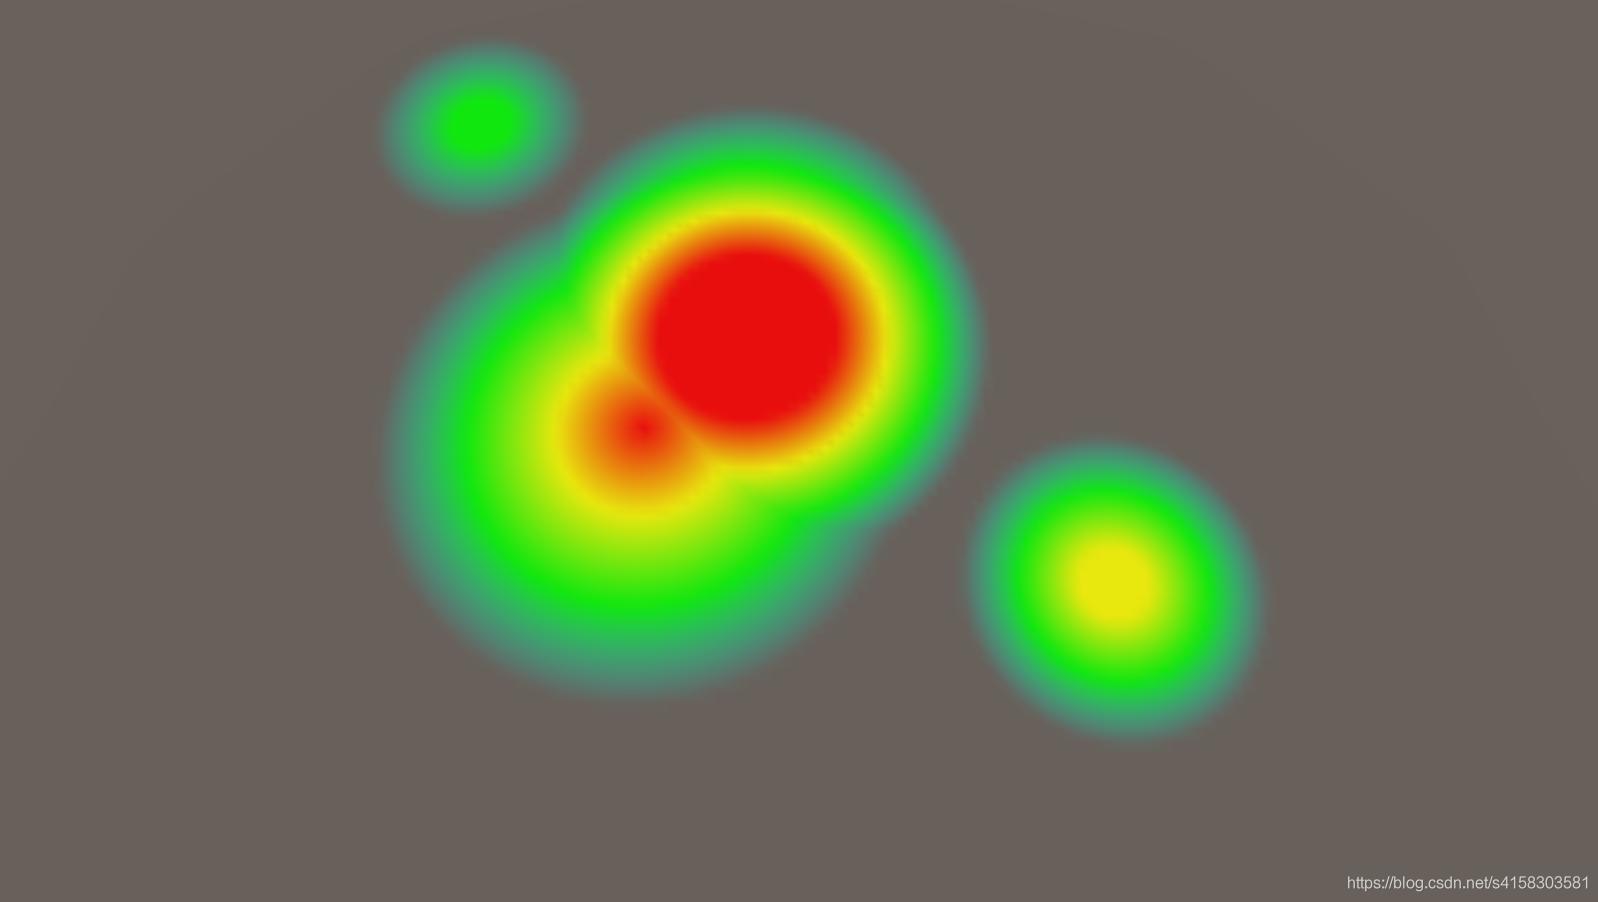 Unity 生成可控可视化三维热力图s4158303581的博客-